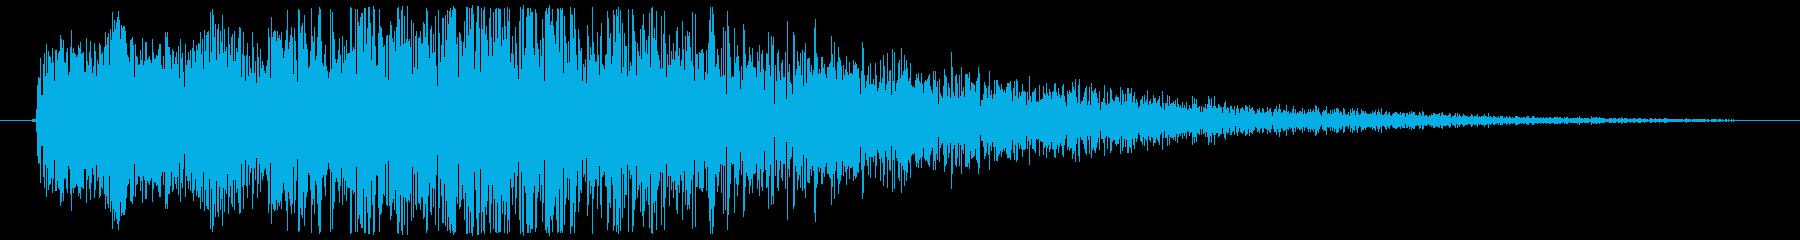 【ギター攻撃(中)】キュウゥーン!の再生済みの波形